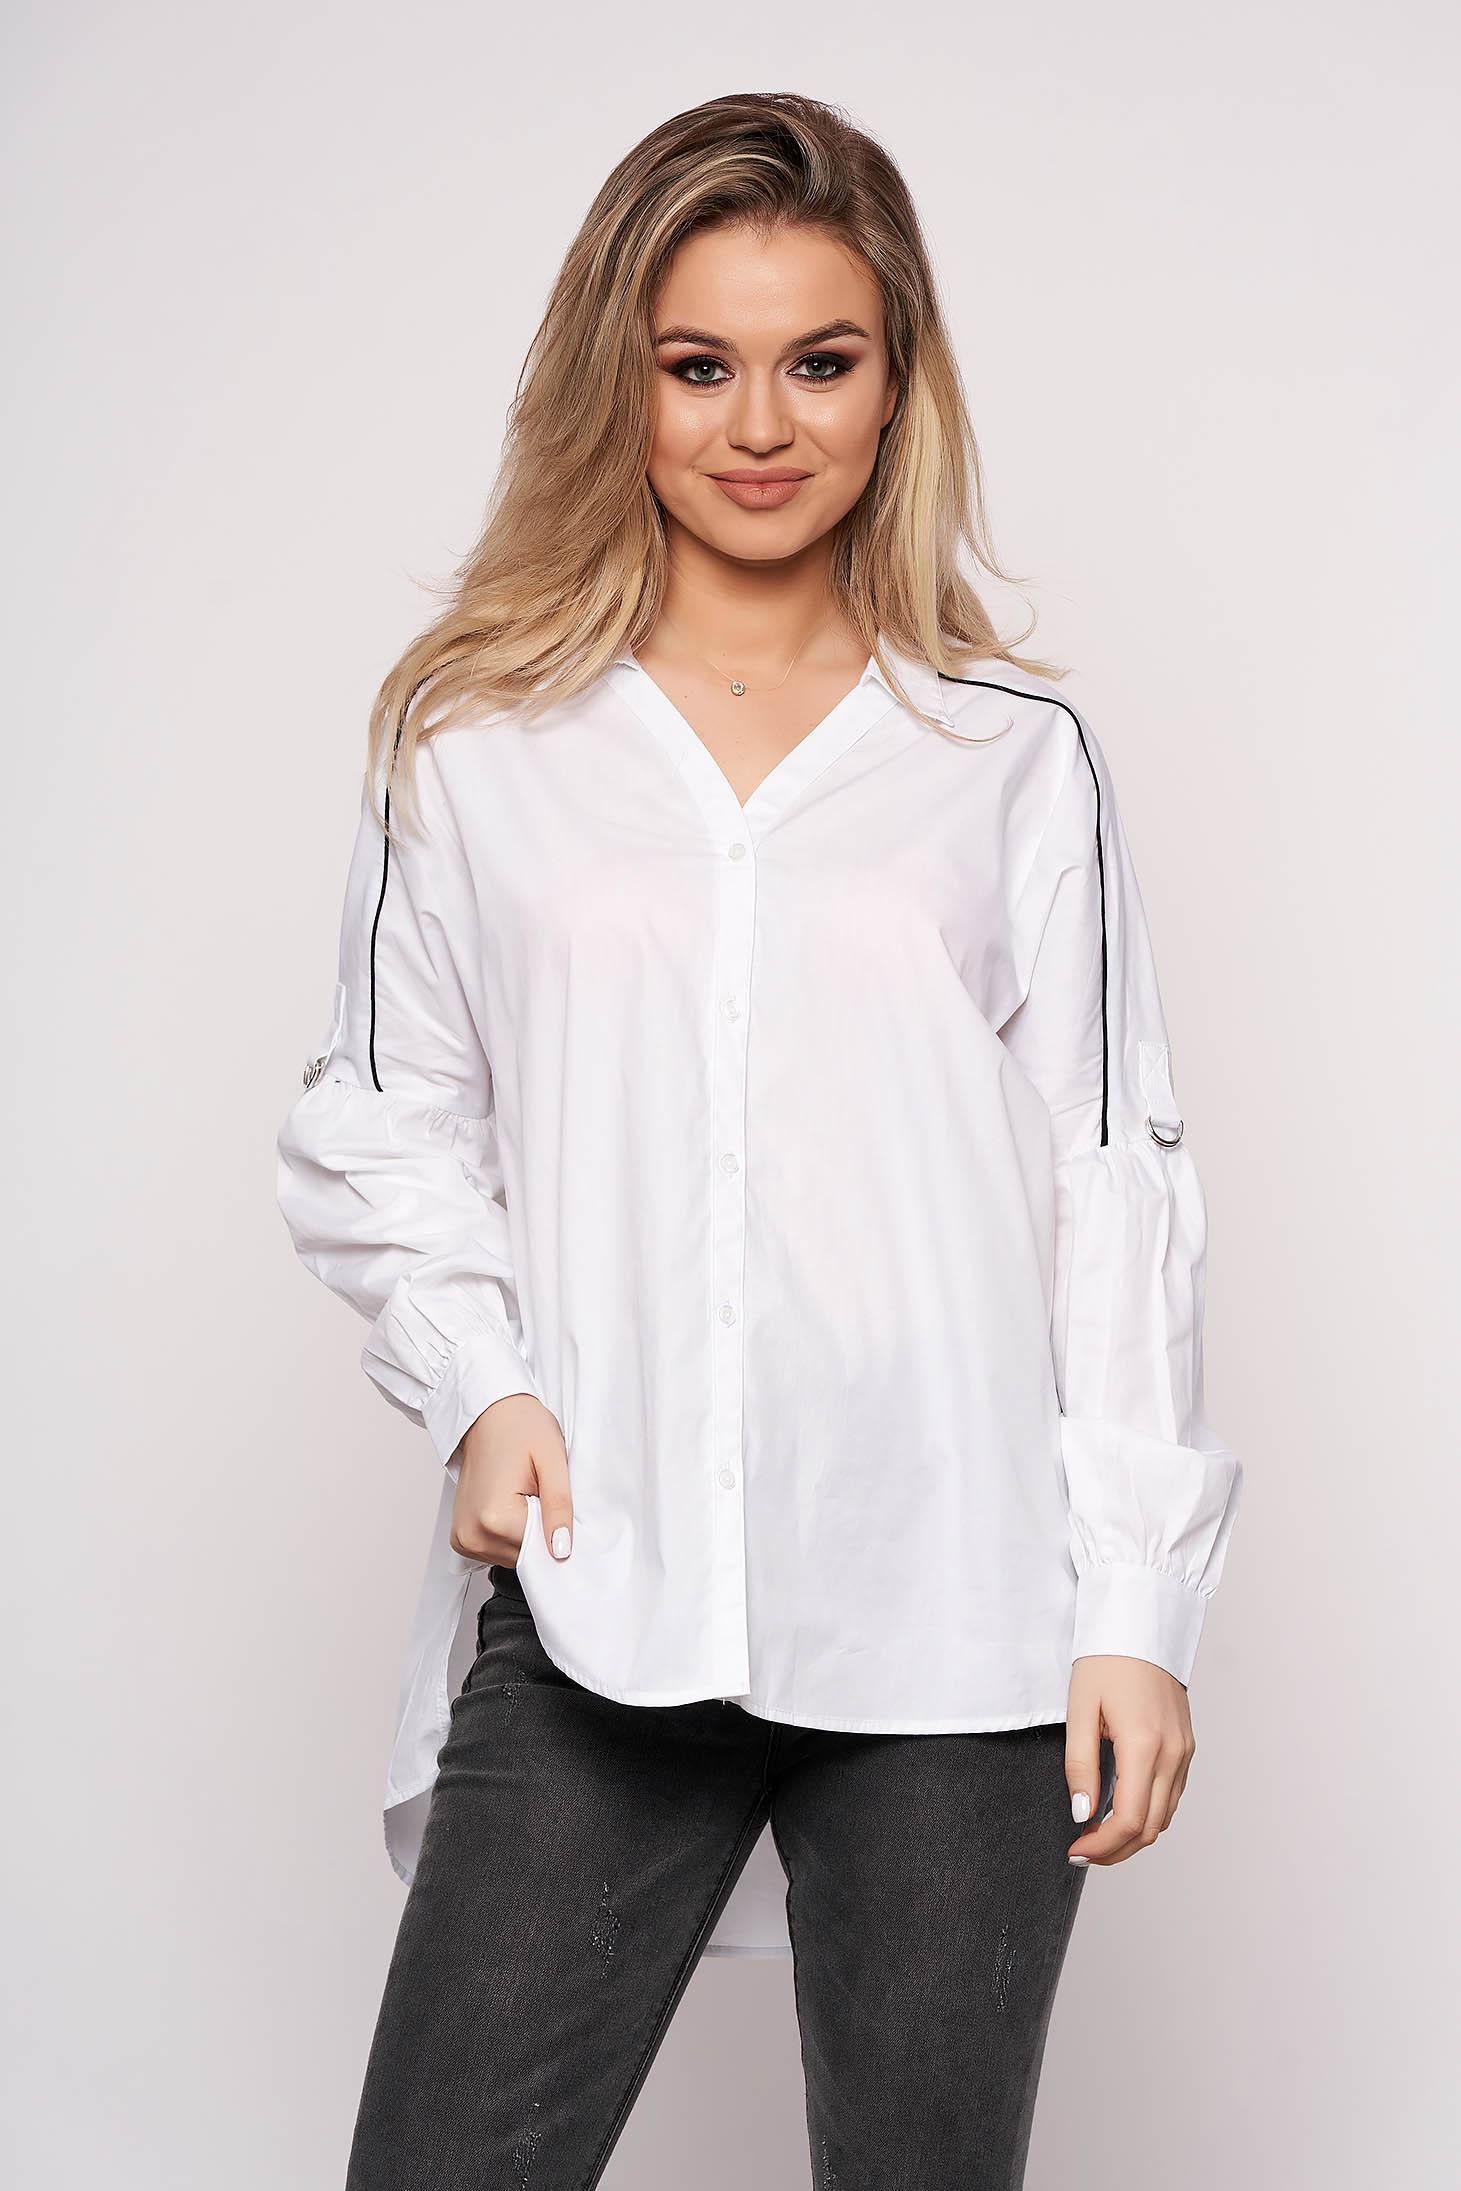 Women`s shirt office white asymmetrical long sleeved